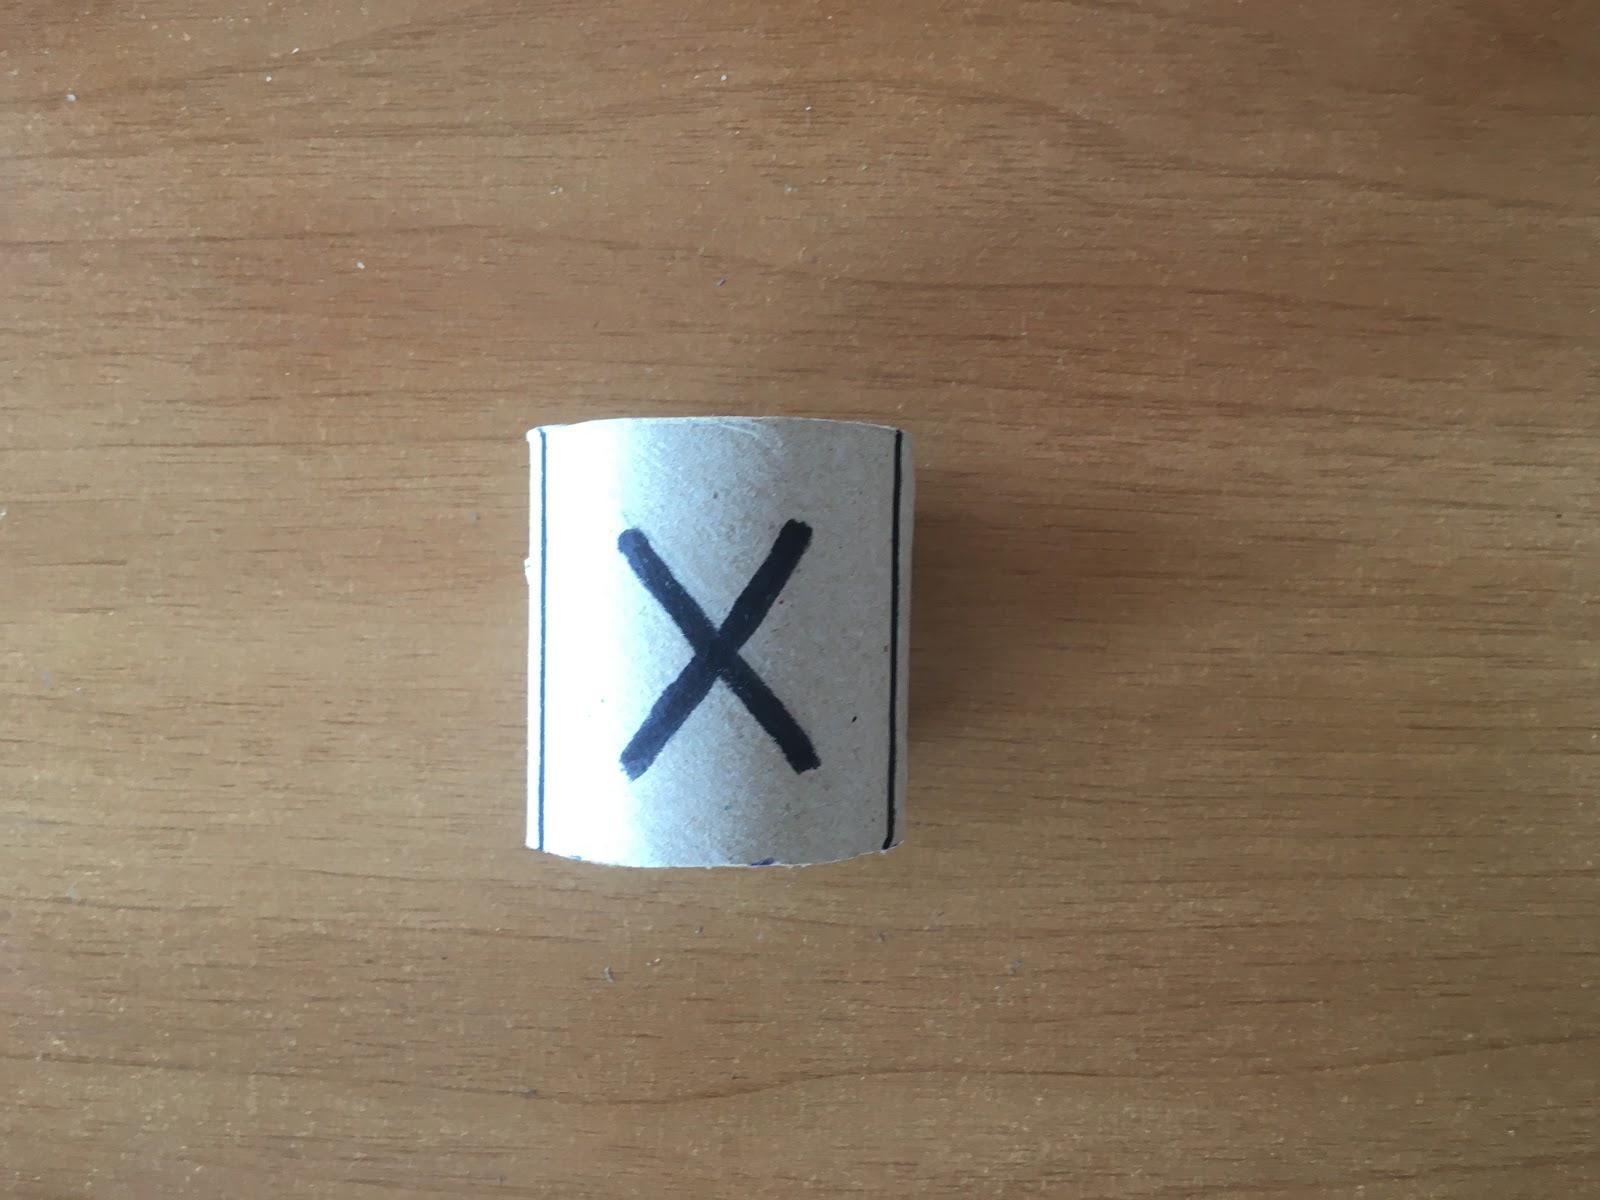 """Trazado de una """"X"""" en una de las caras."""